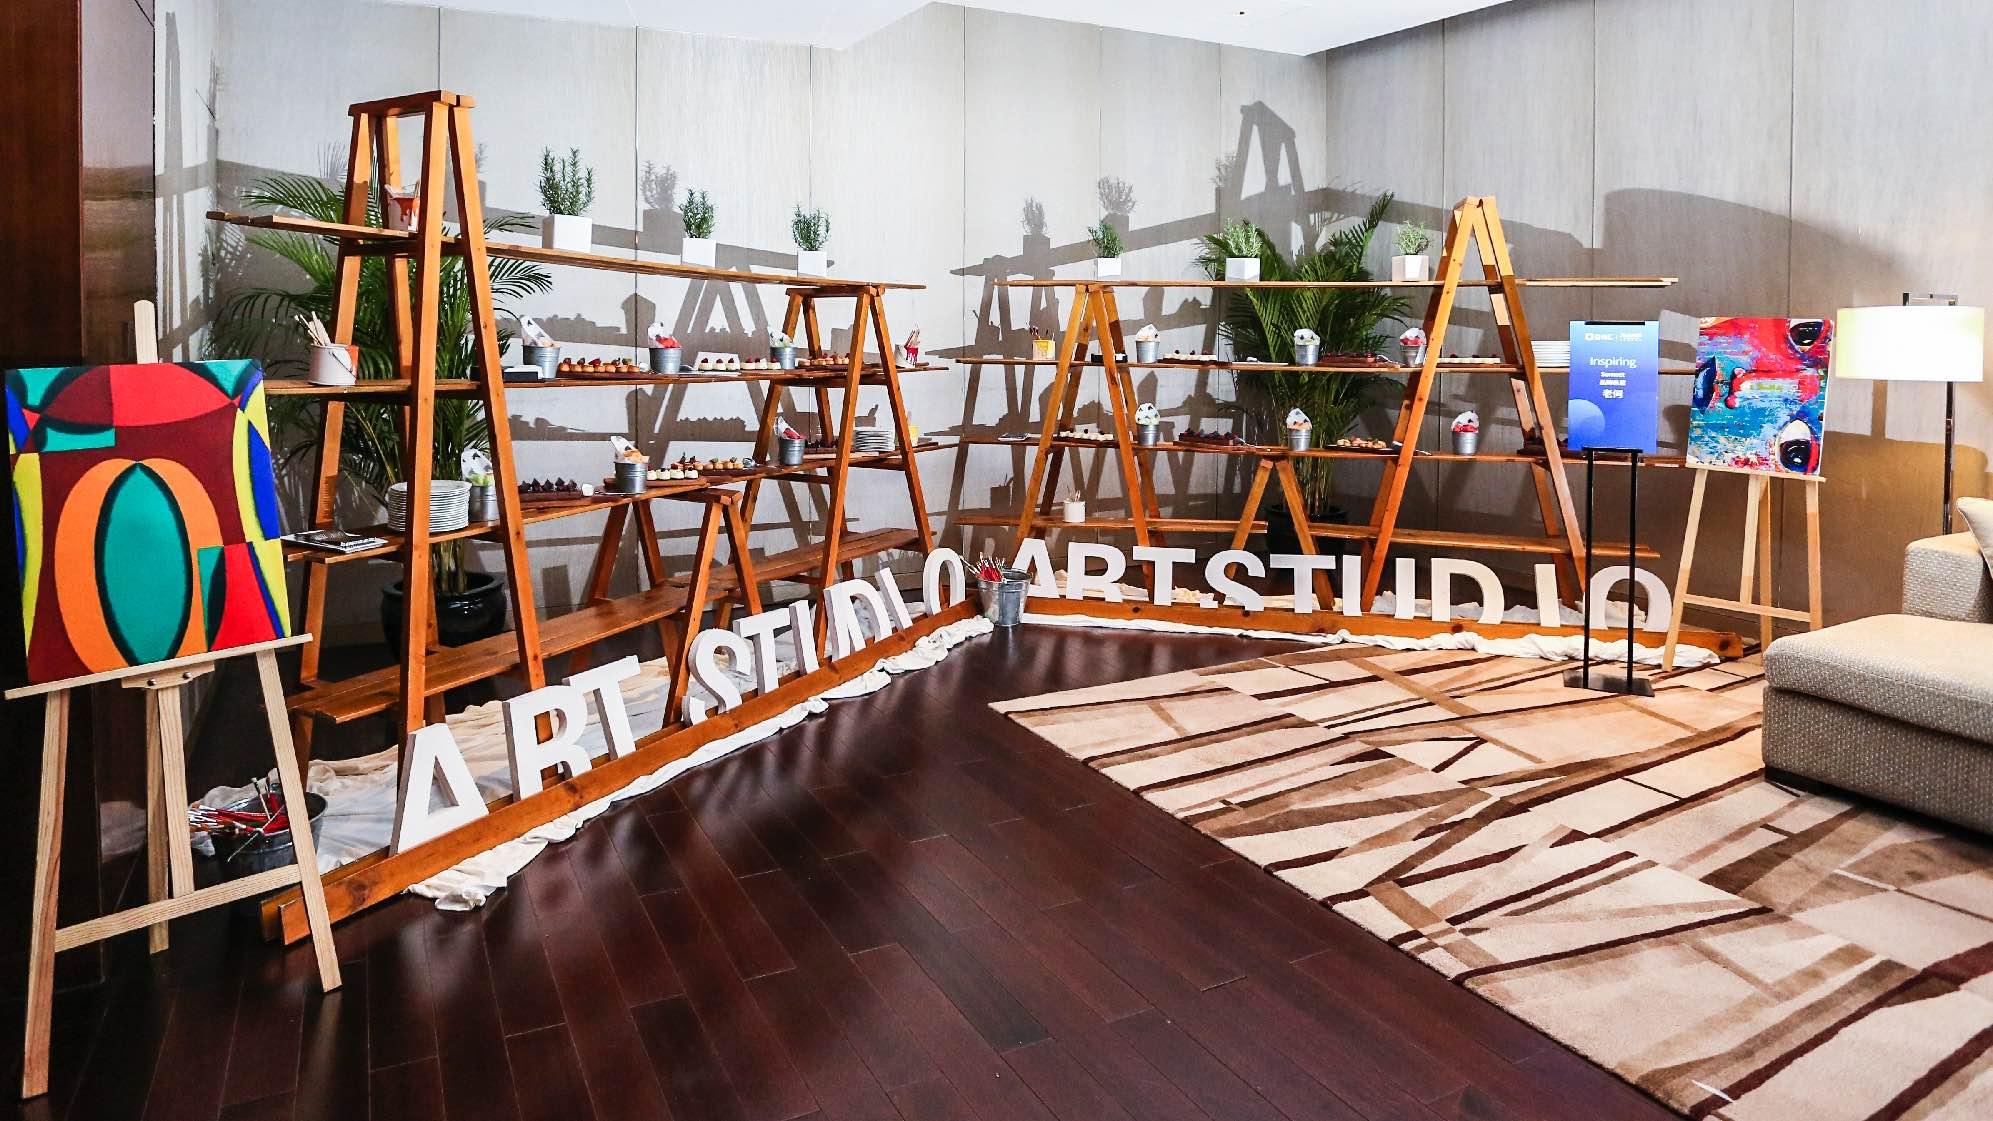 【企服观察】企业活动提供商百场汇与万豪北区合作,立足空间创新打造创意会议平台